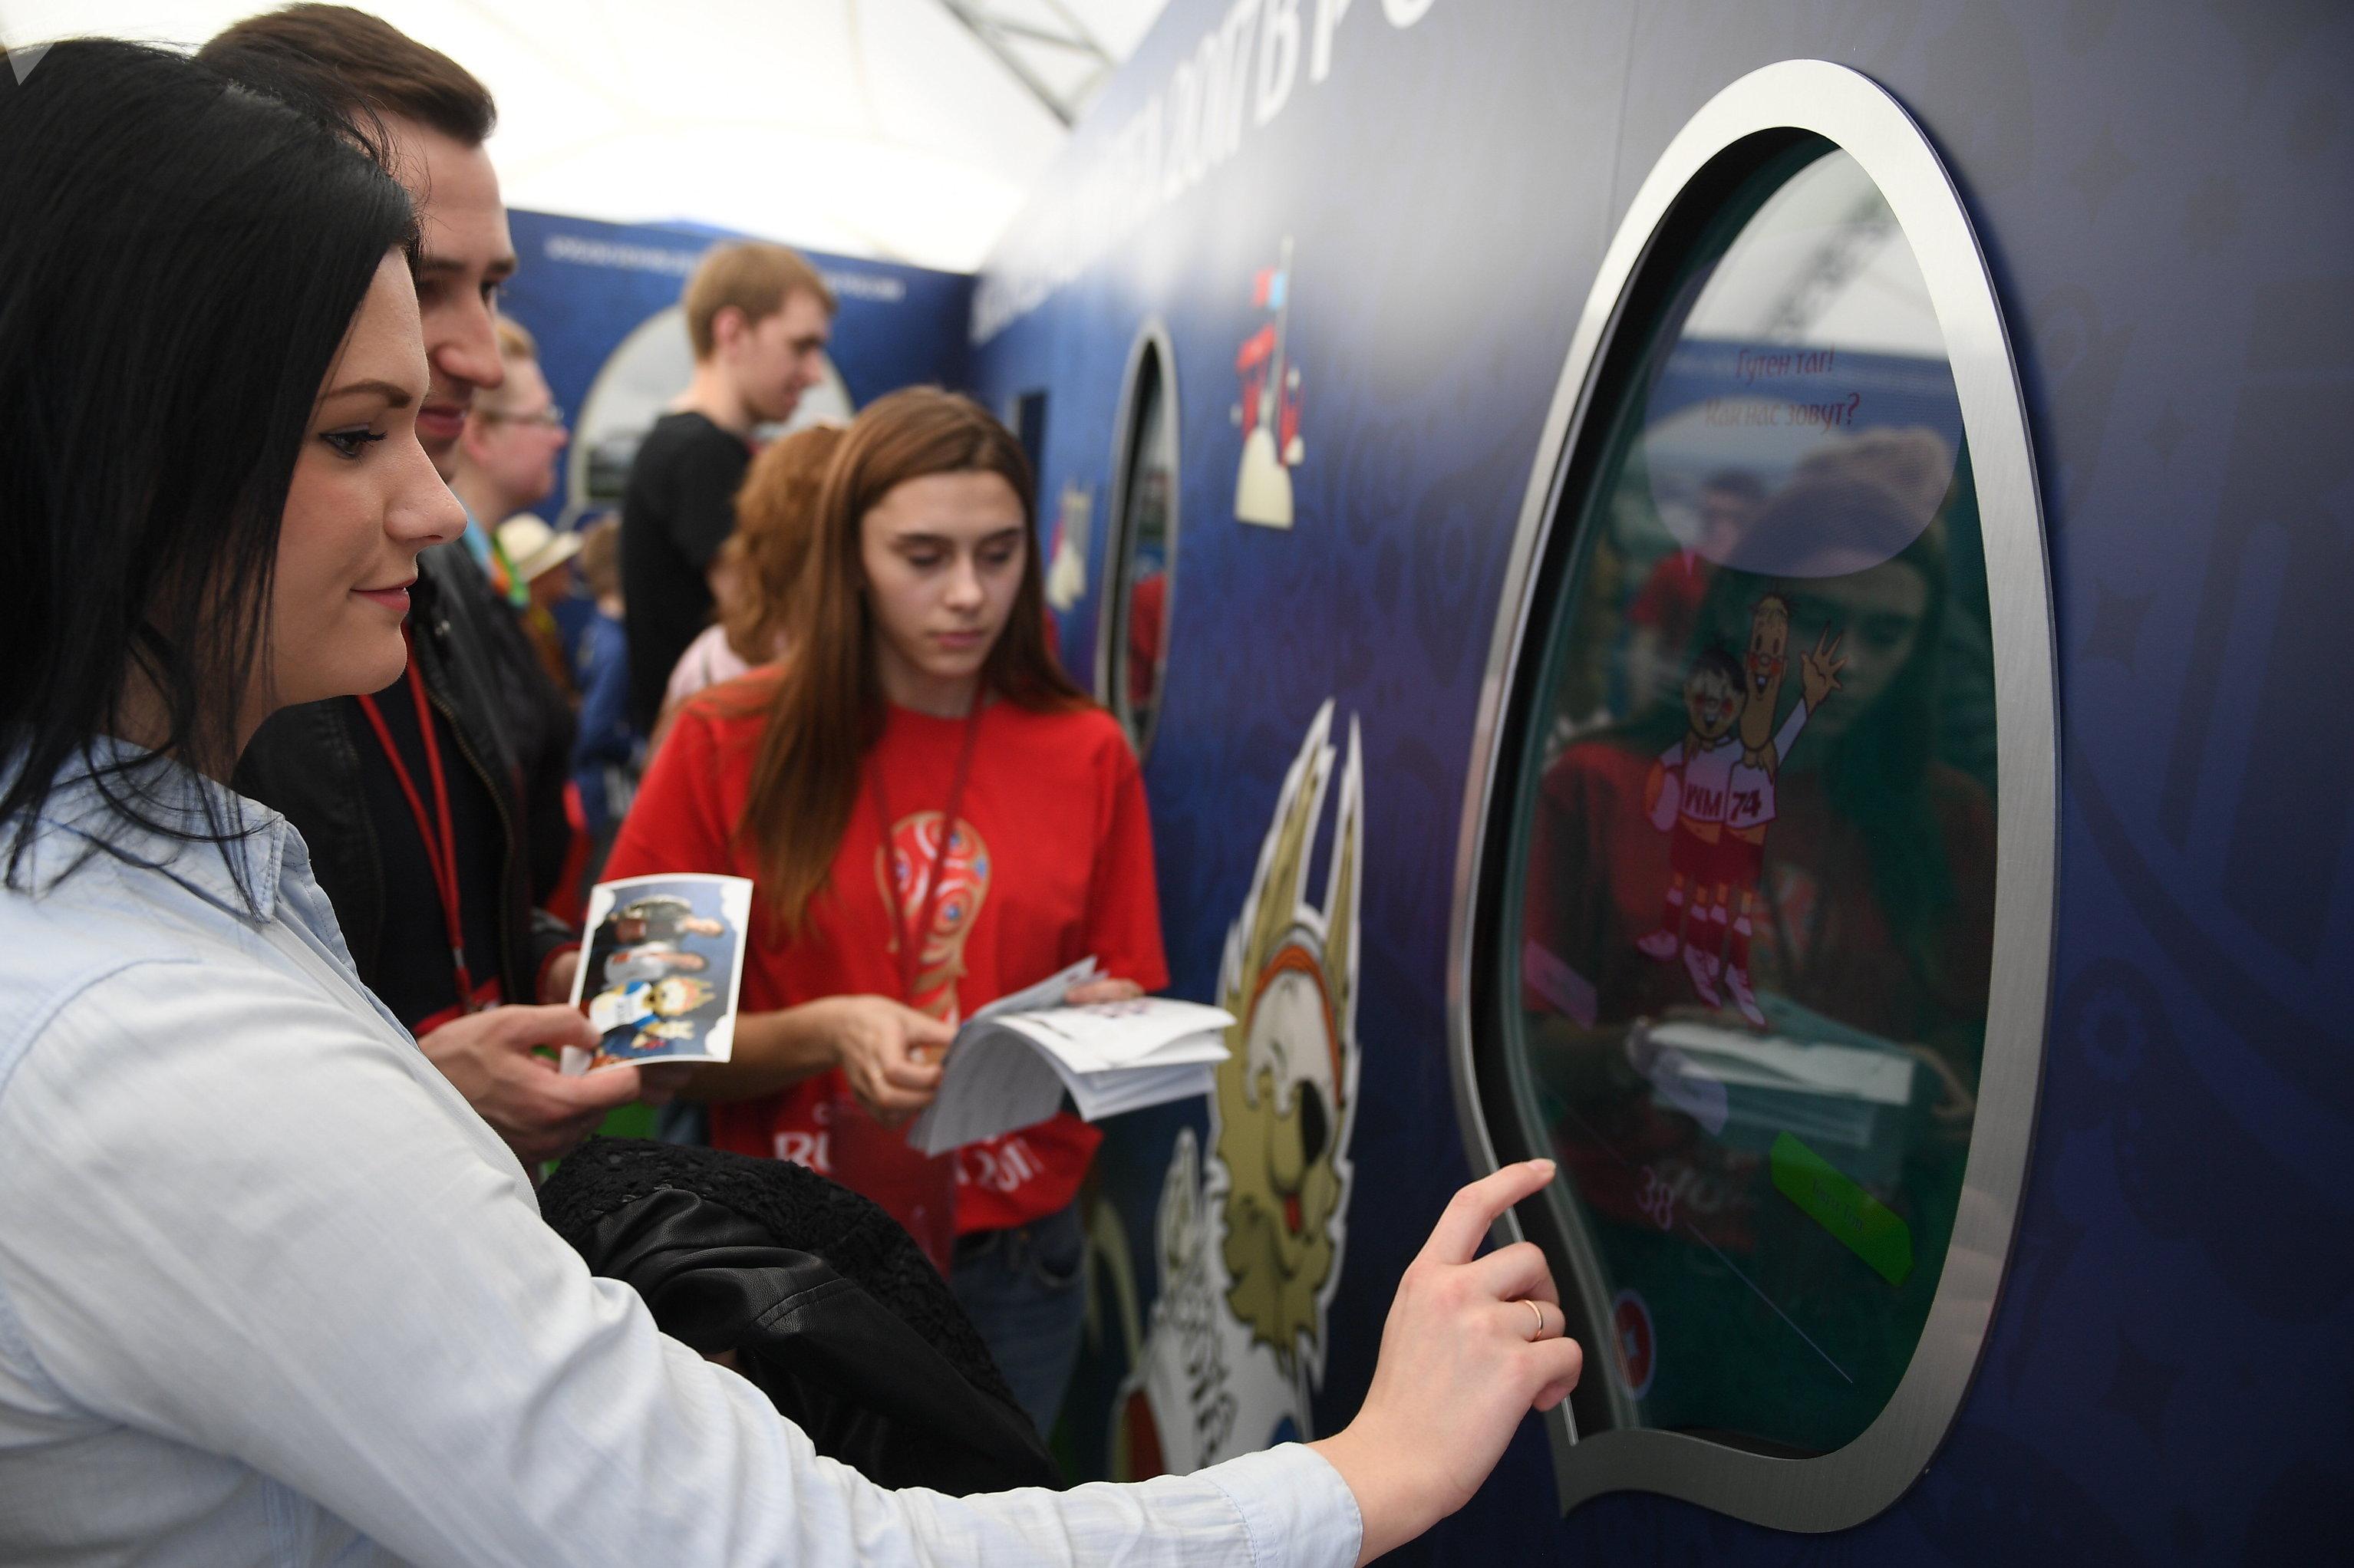 Los visitantes miran la pantalla interactiva del parque